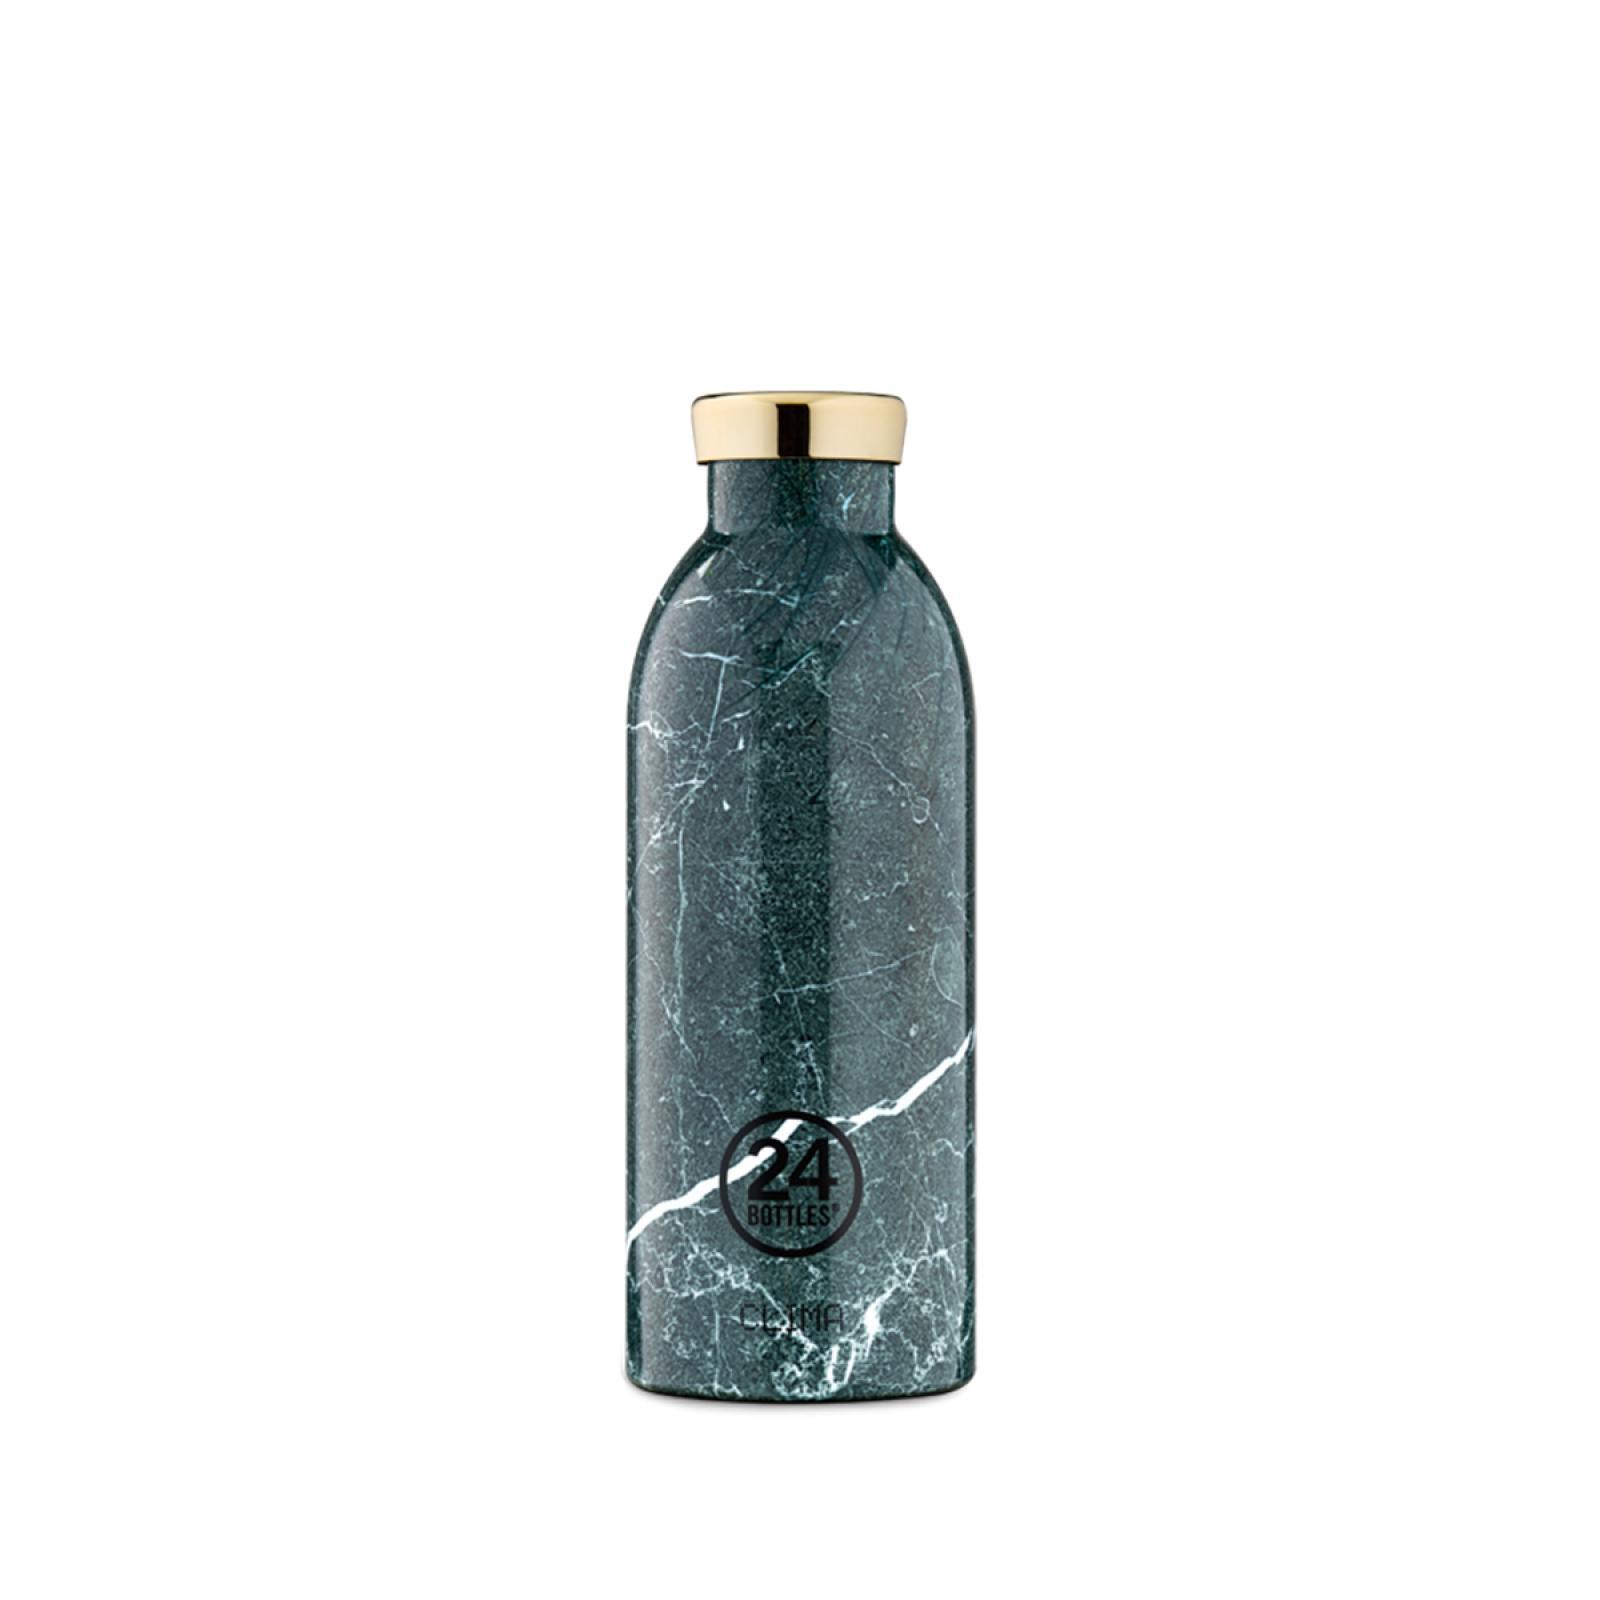 24 Bottles Clima Bottle Green Marble 500 ml - 1